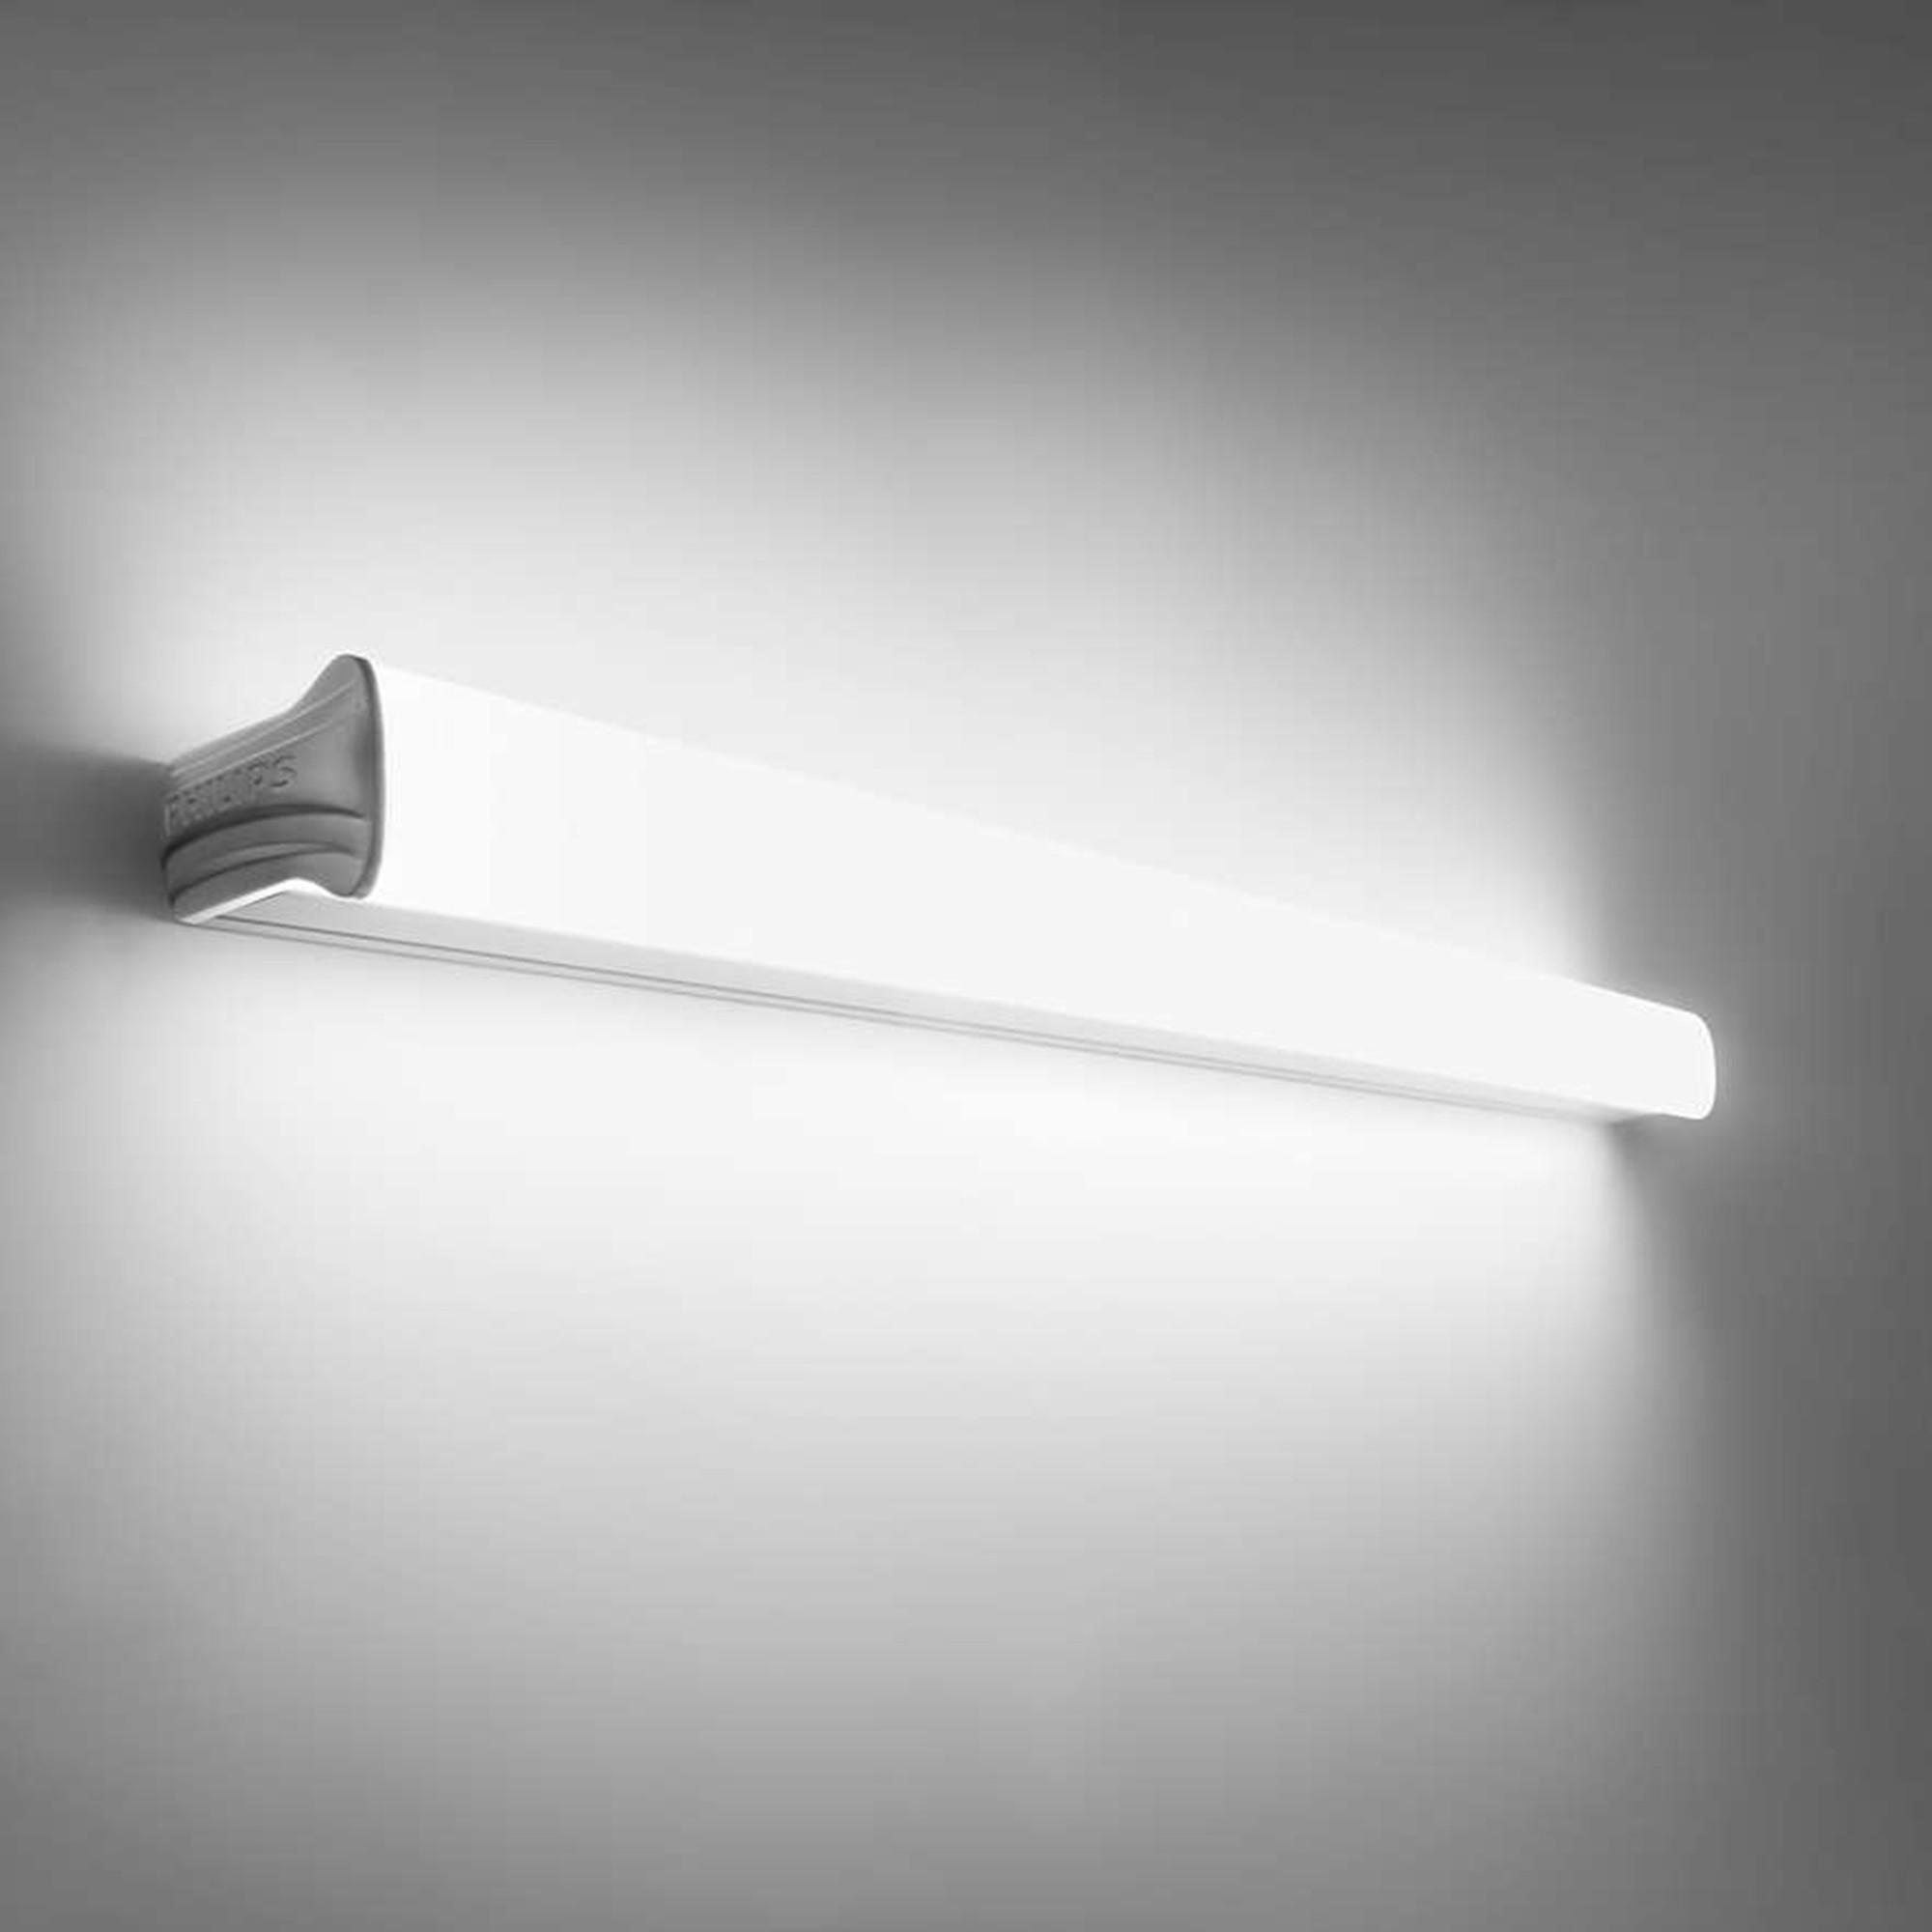 Lampu TL lebih hemat energi daripada lampu pijar - Mengapa Harus Menggunakan Lampu TL? Ini 4 Keunggulannya - electricguru.com